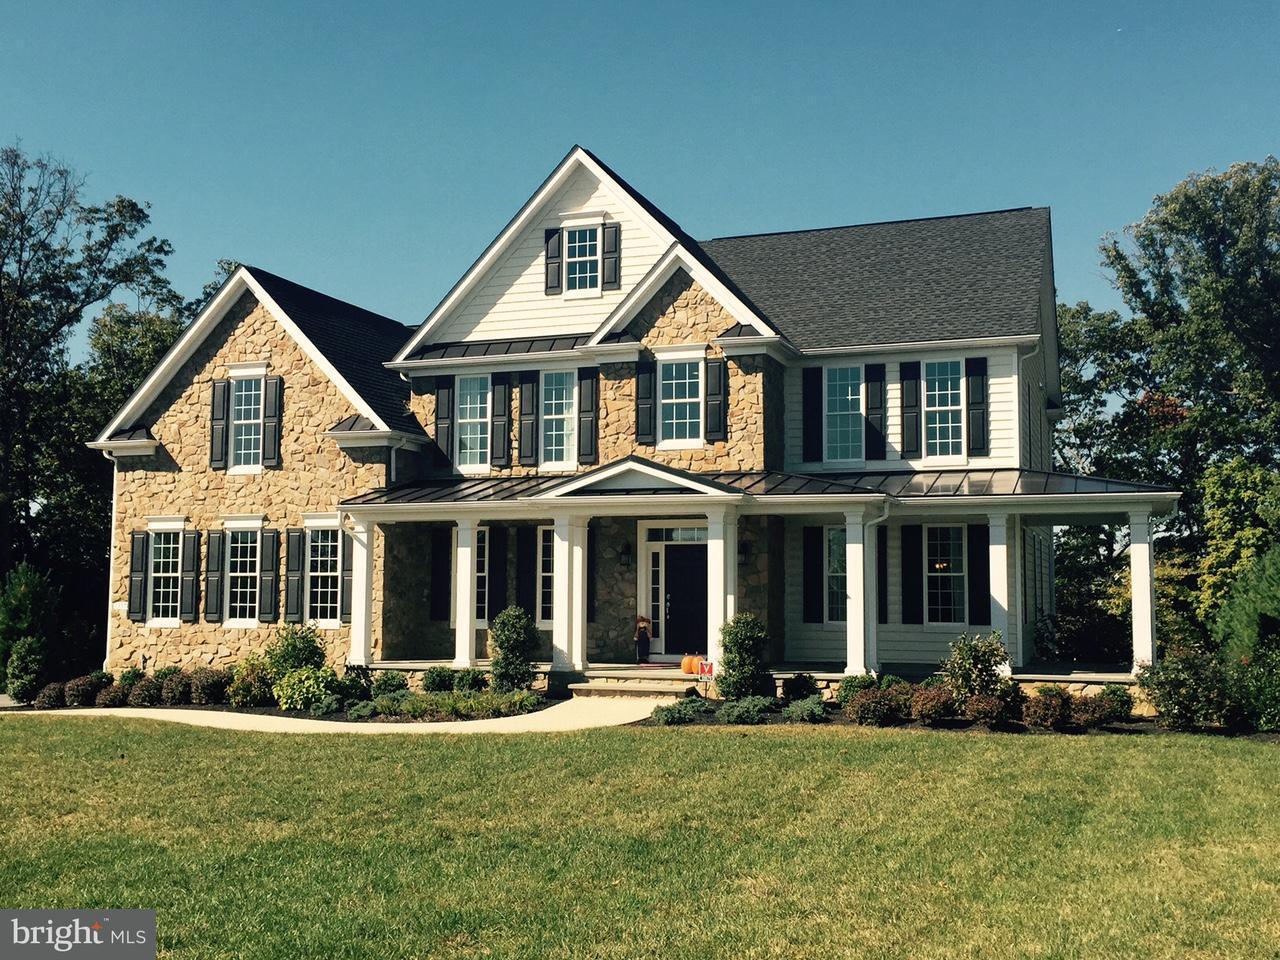 独户住宅 为 销售 在 2501 DEER MEADOW Court 2501 DEER MEADOW Court Reisterstown, 马里兰州 21136 美国